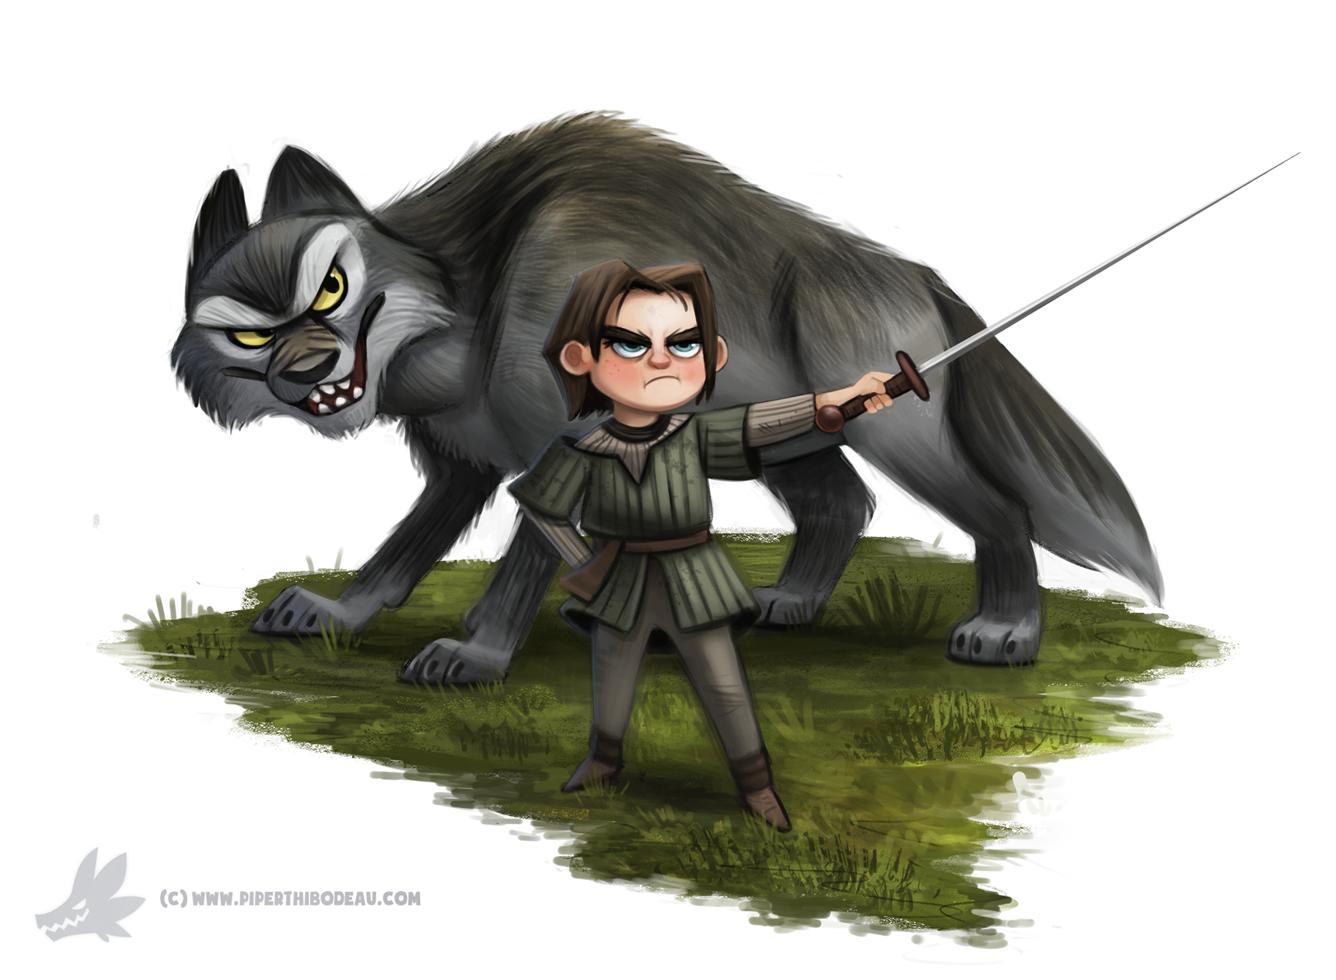 Фото Персонажи из сериала Game of Thrones / Игра престолов, by Cryptid-Creations